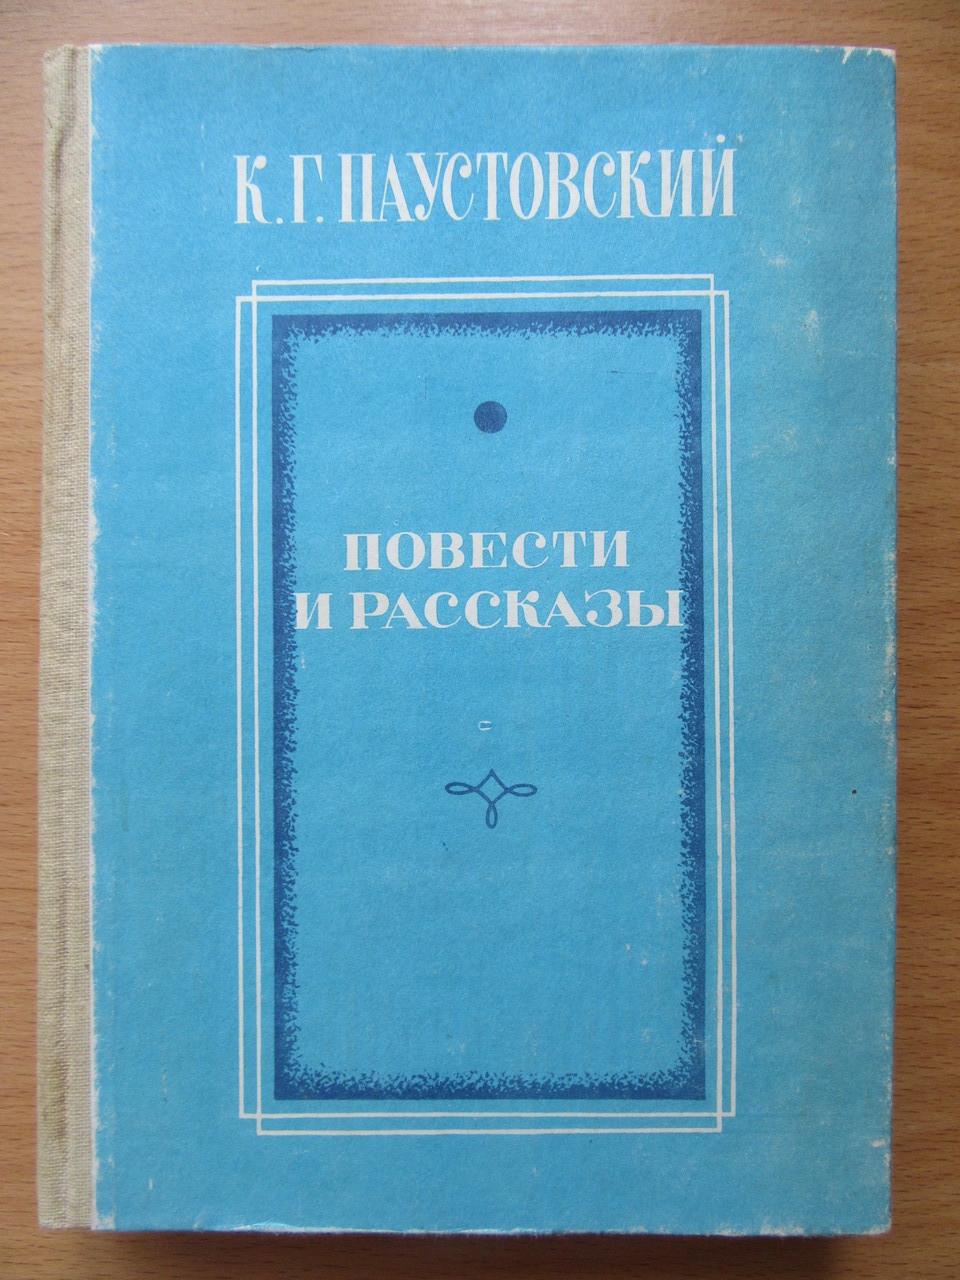 К.Г.Паустовский. Повести и рассказы